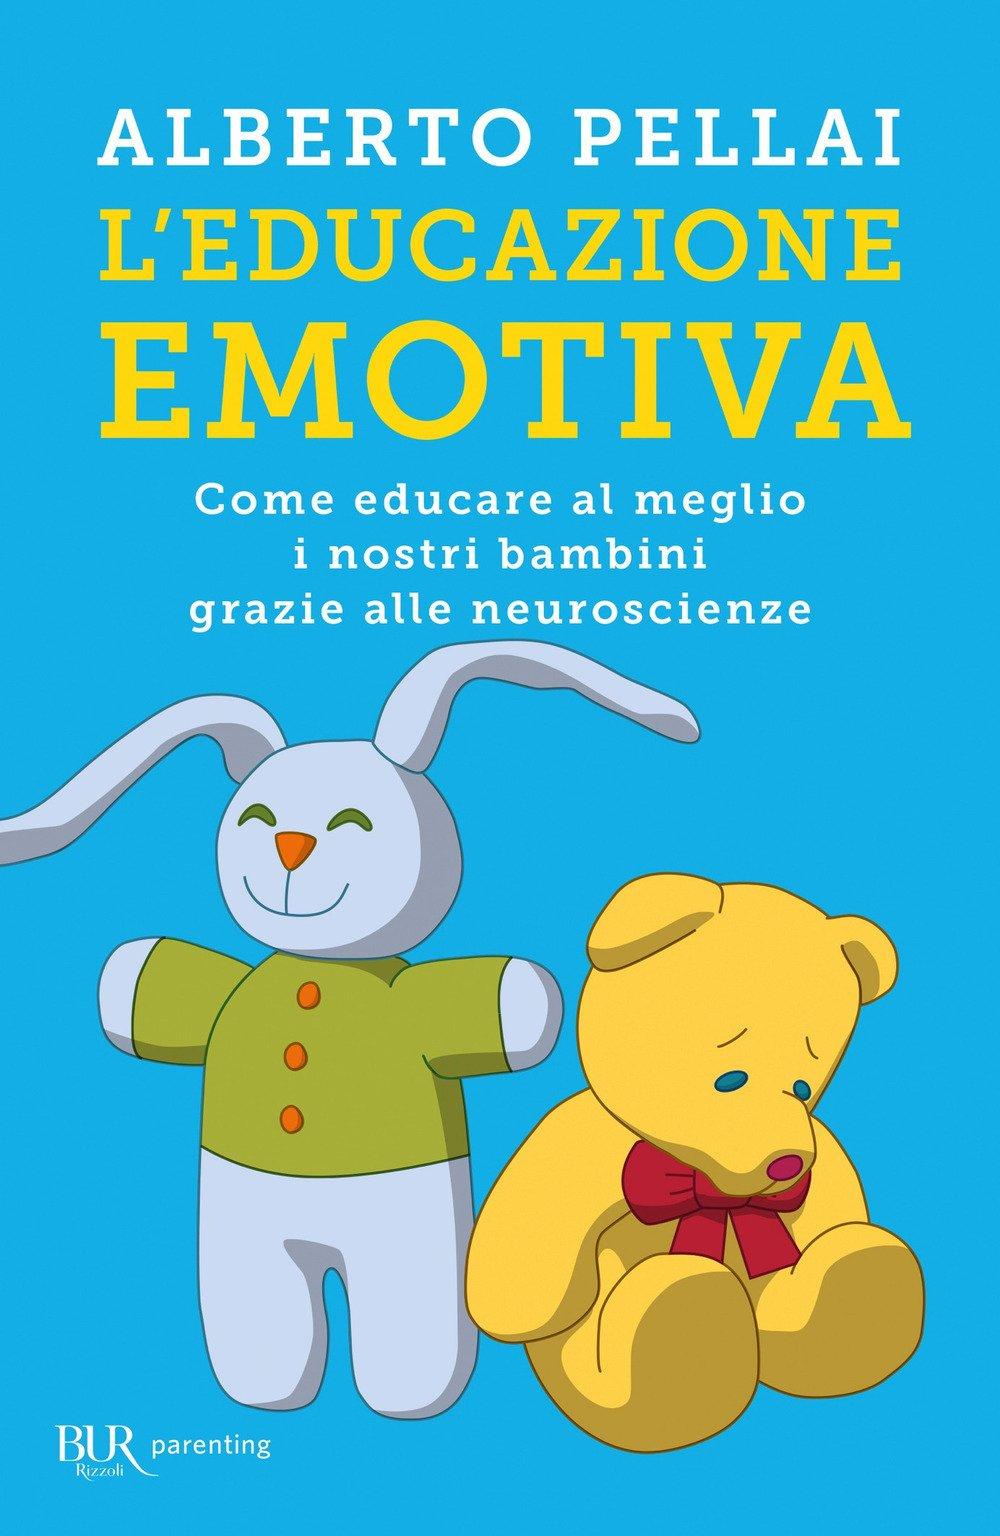 L'educazione emotiva. Come educare al meglio i nostri bambini grazie alle neuroscienze